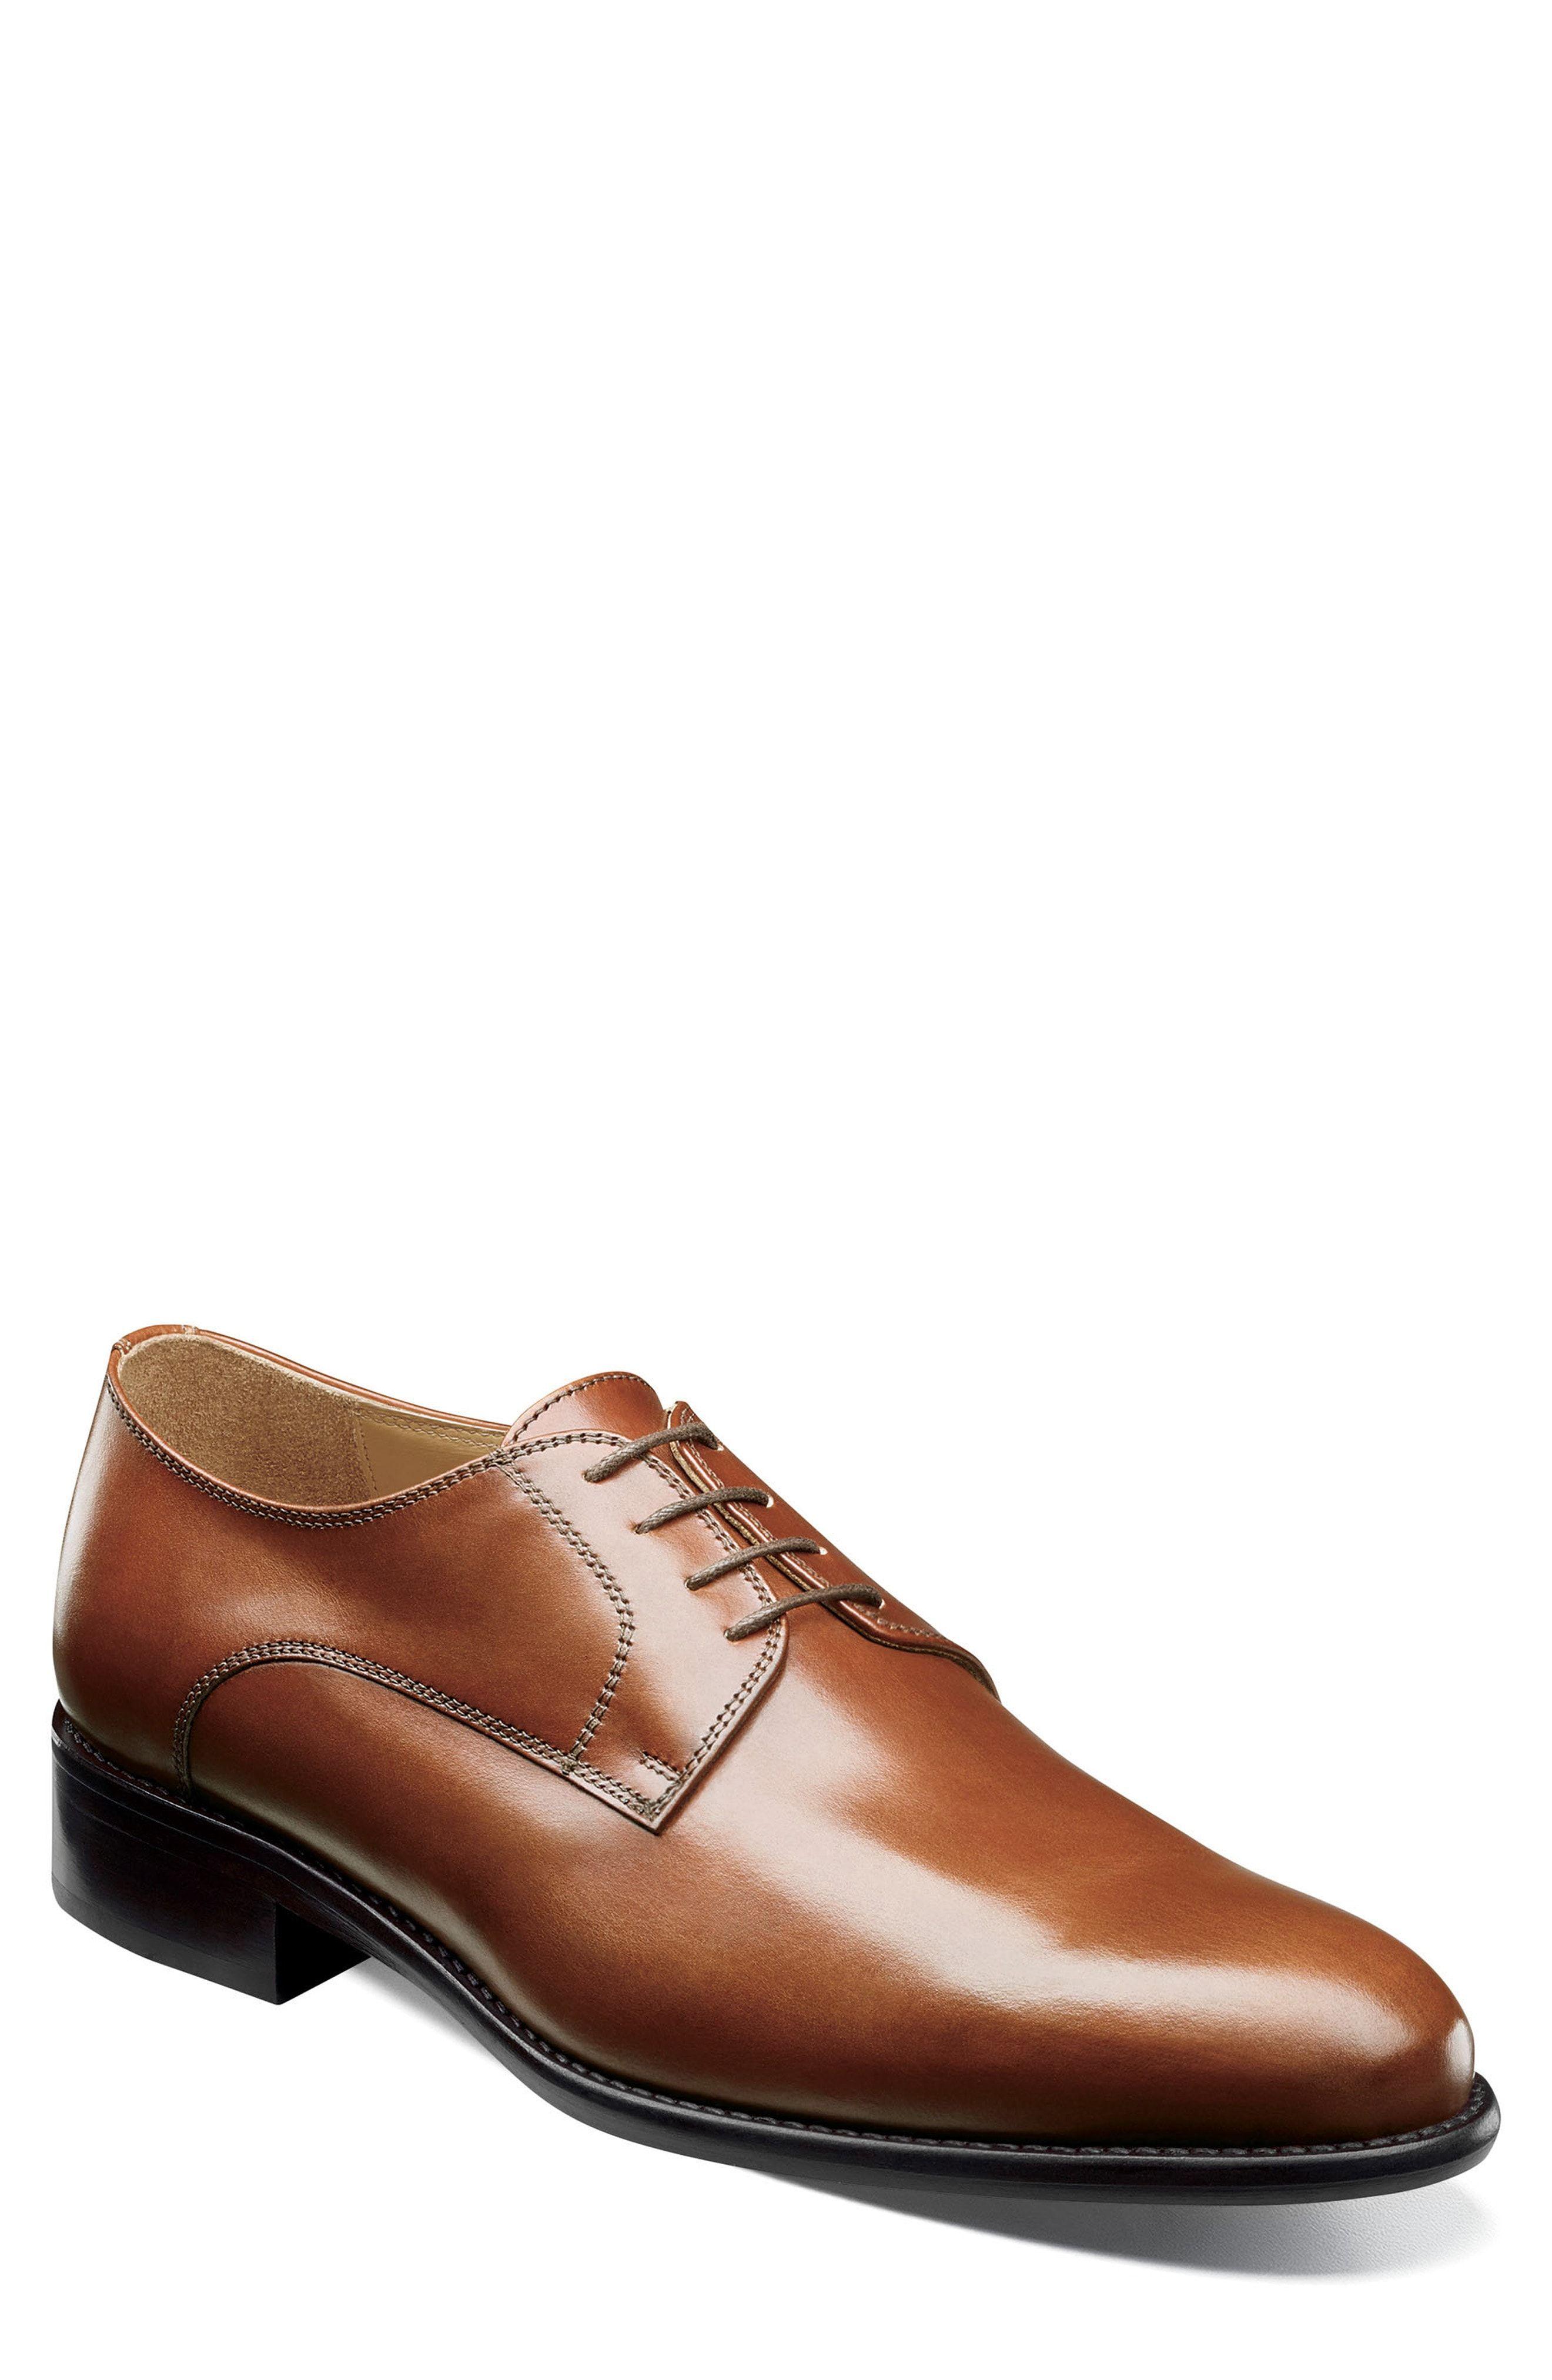 f228d24632f65 FLORSHEIM IMPERIAL HART PLAIN TOE DERBY. #florsheim #shoes ...